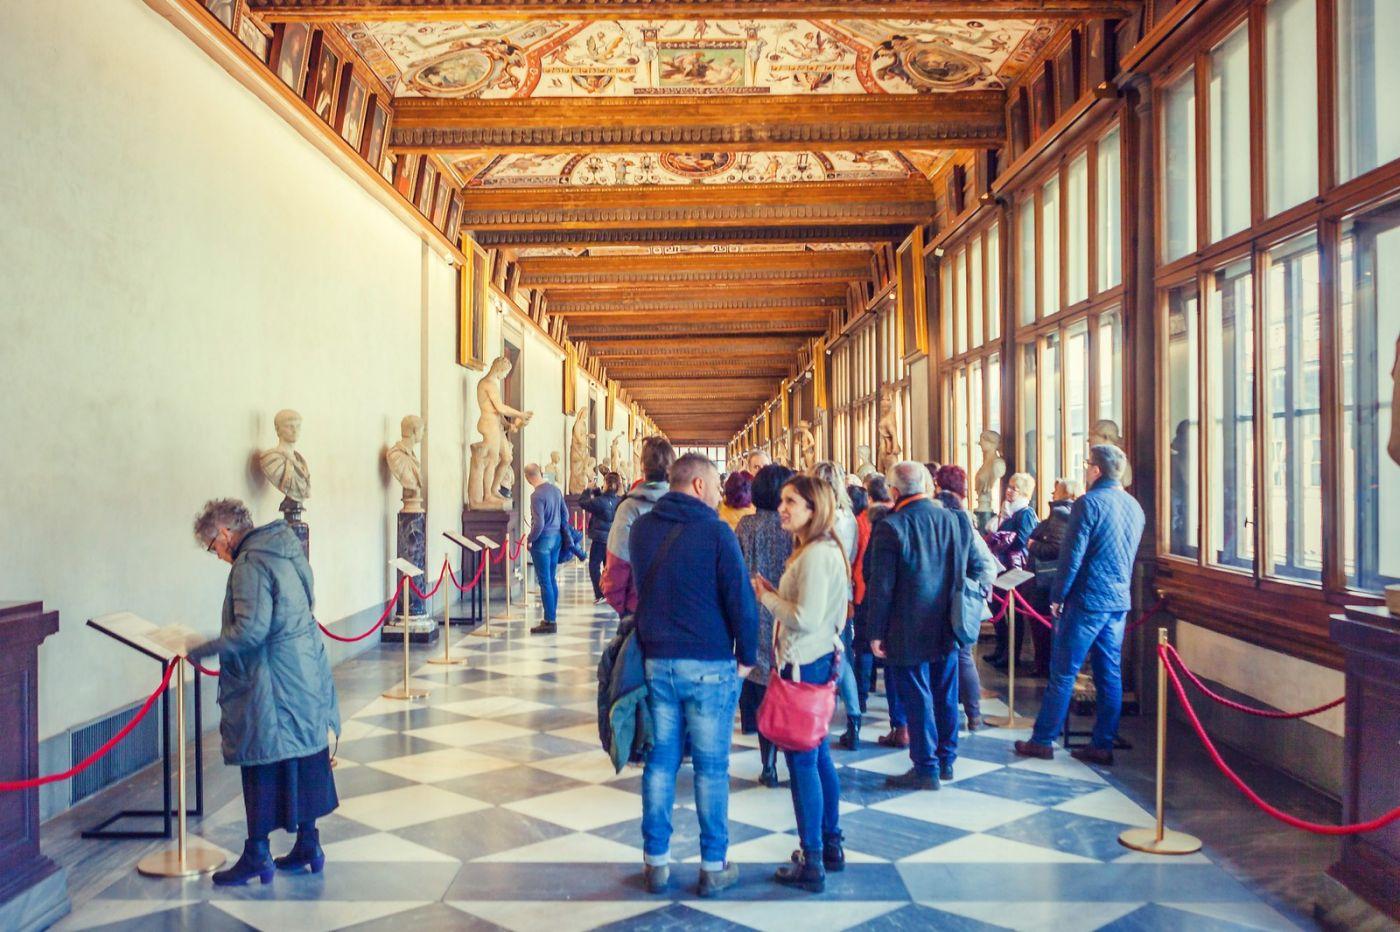 意大利佛罗伦斯乌菲兹美术馆, 进去看一看_图1-15